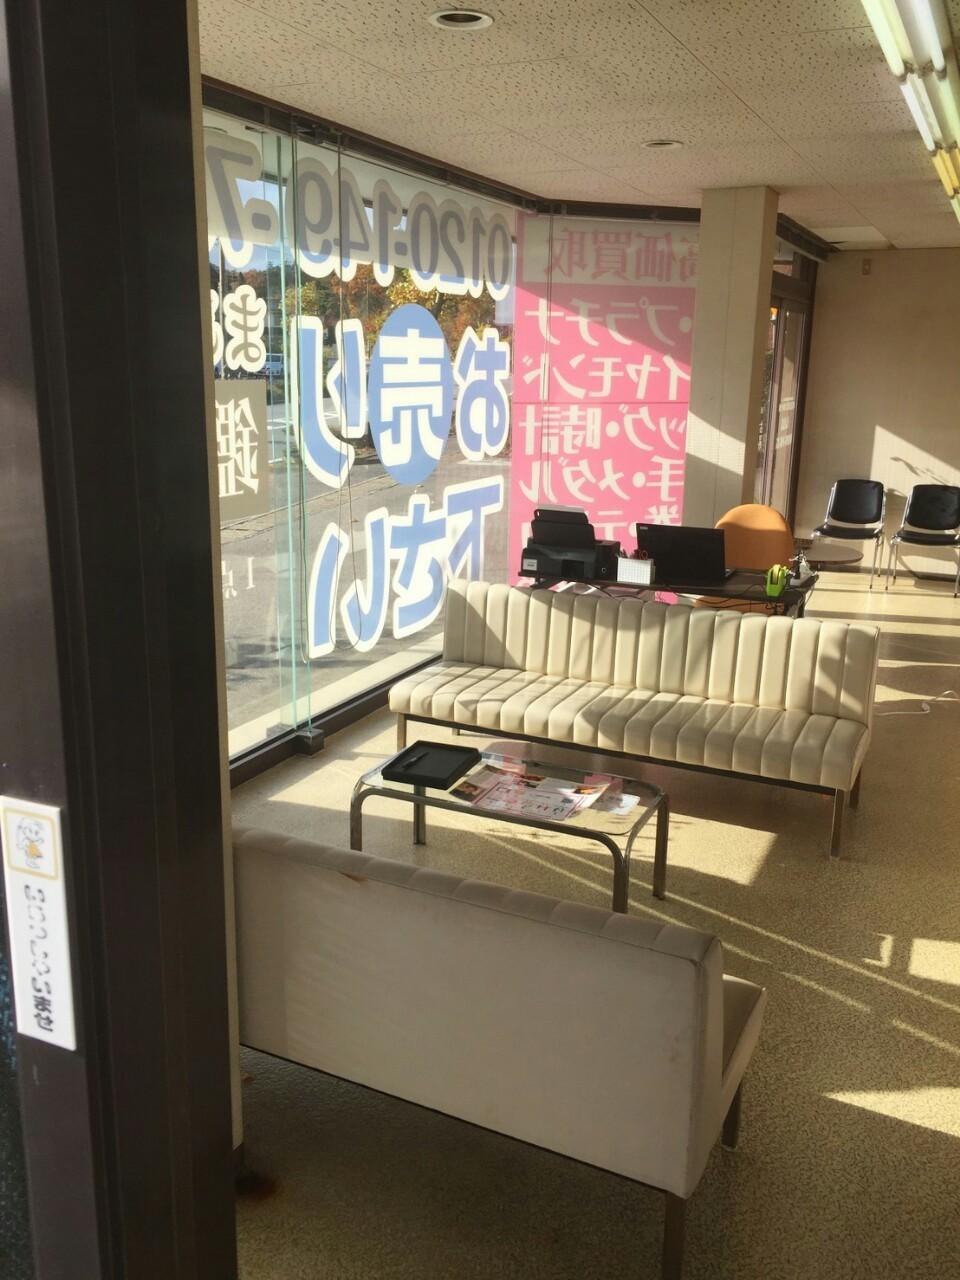 ベストフレンド古美術昇華堂七尾店店舗写真3